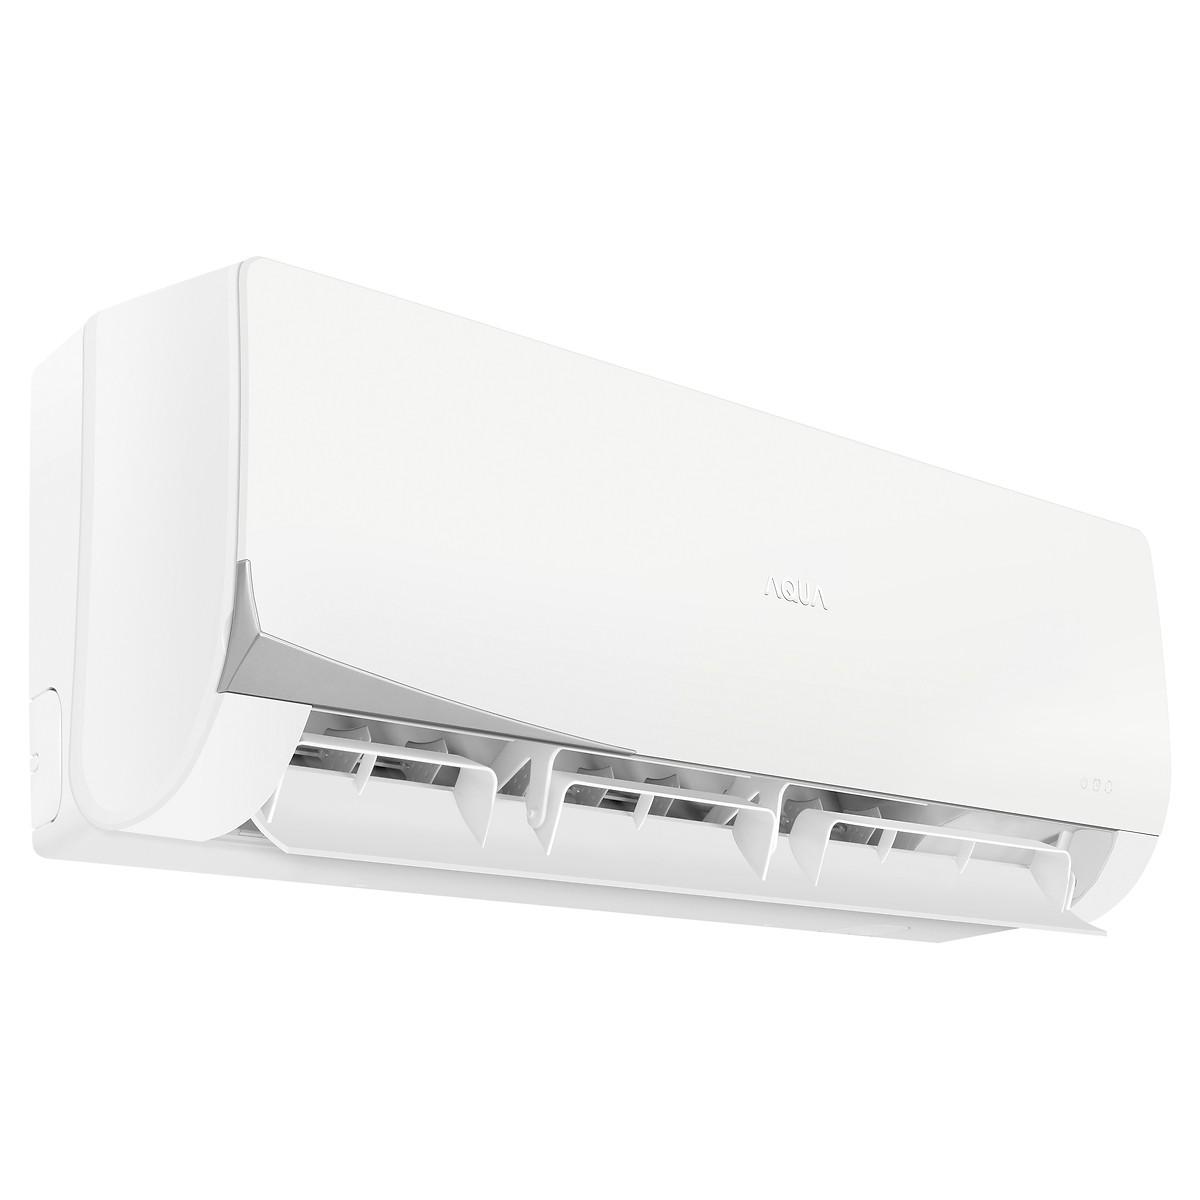 Máy lạnh Aqua 1 HP AQA-KCR9NQ - Hàng Chính Hãng + Tặng Ê Ke Treo Máy Lạnh